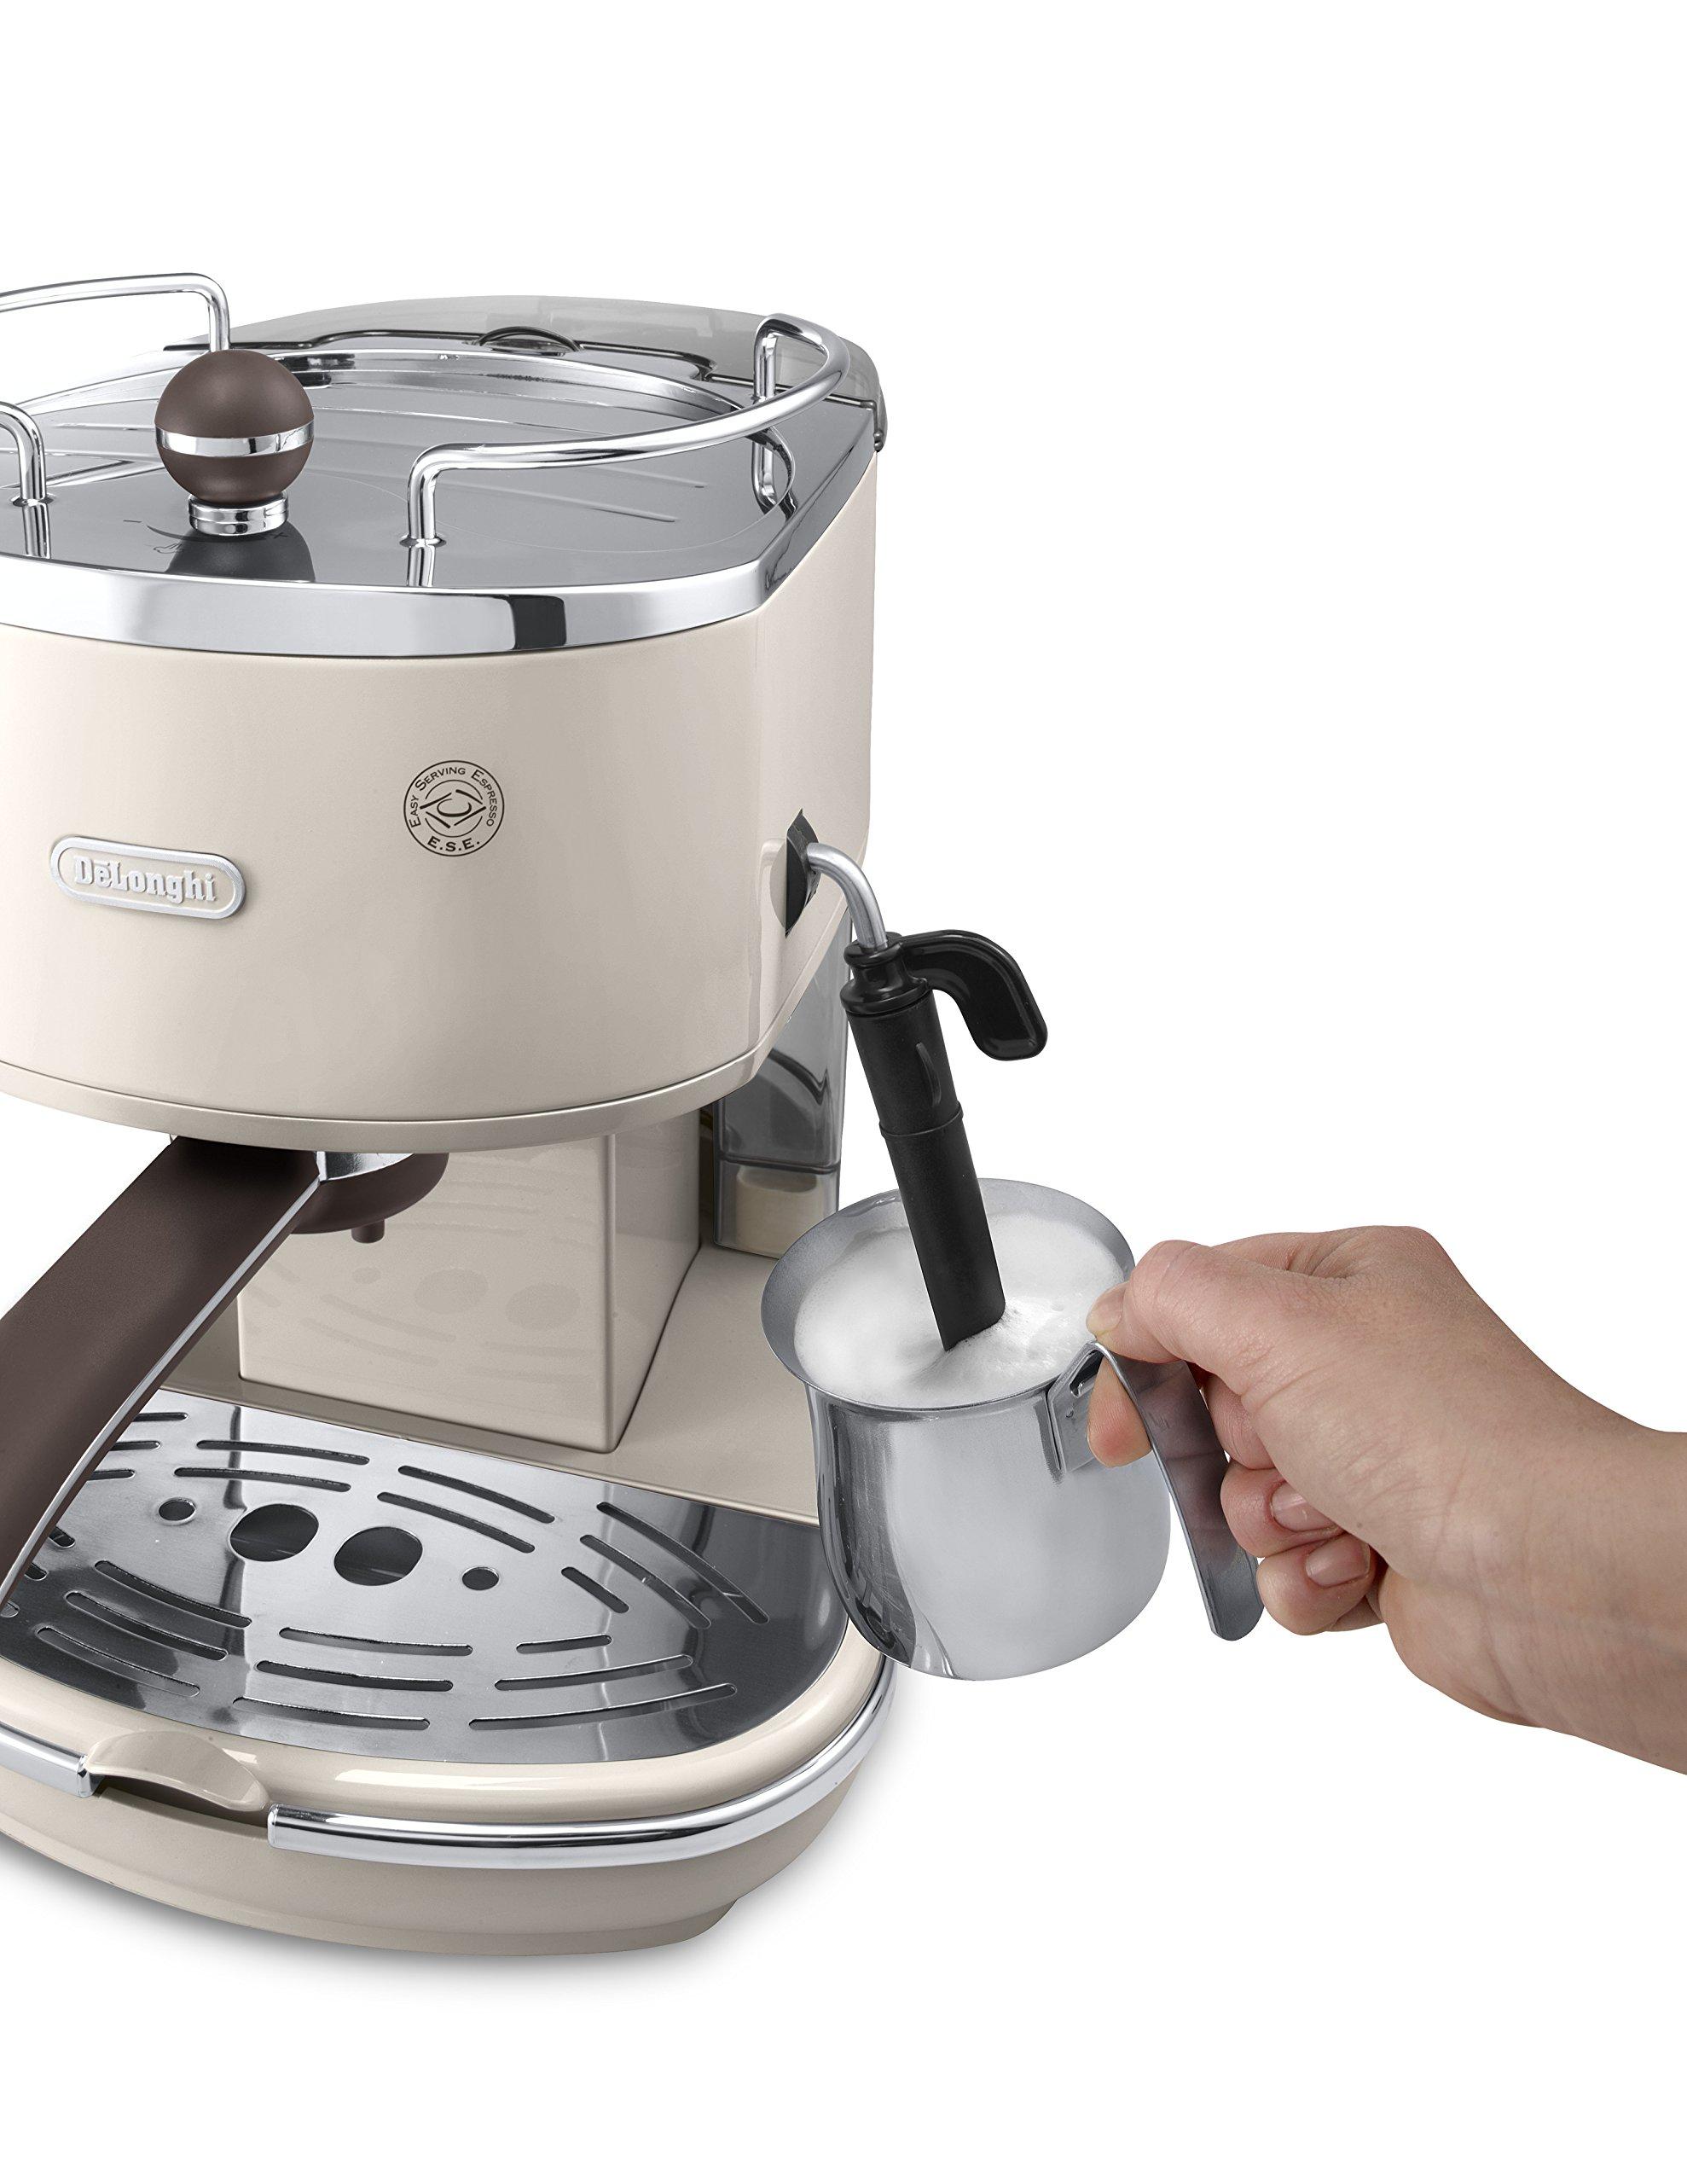 De'Longhi Icona Vintage ECOV 311.BG Macchina da Caffè Espresso Manuale e Cappuccino, Caffè in Polvere o in Cialde E.S.E… 2 spesavip